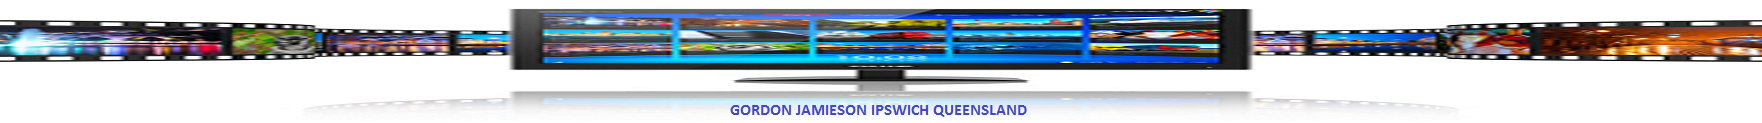 antenna installation ipswich